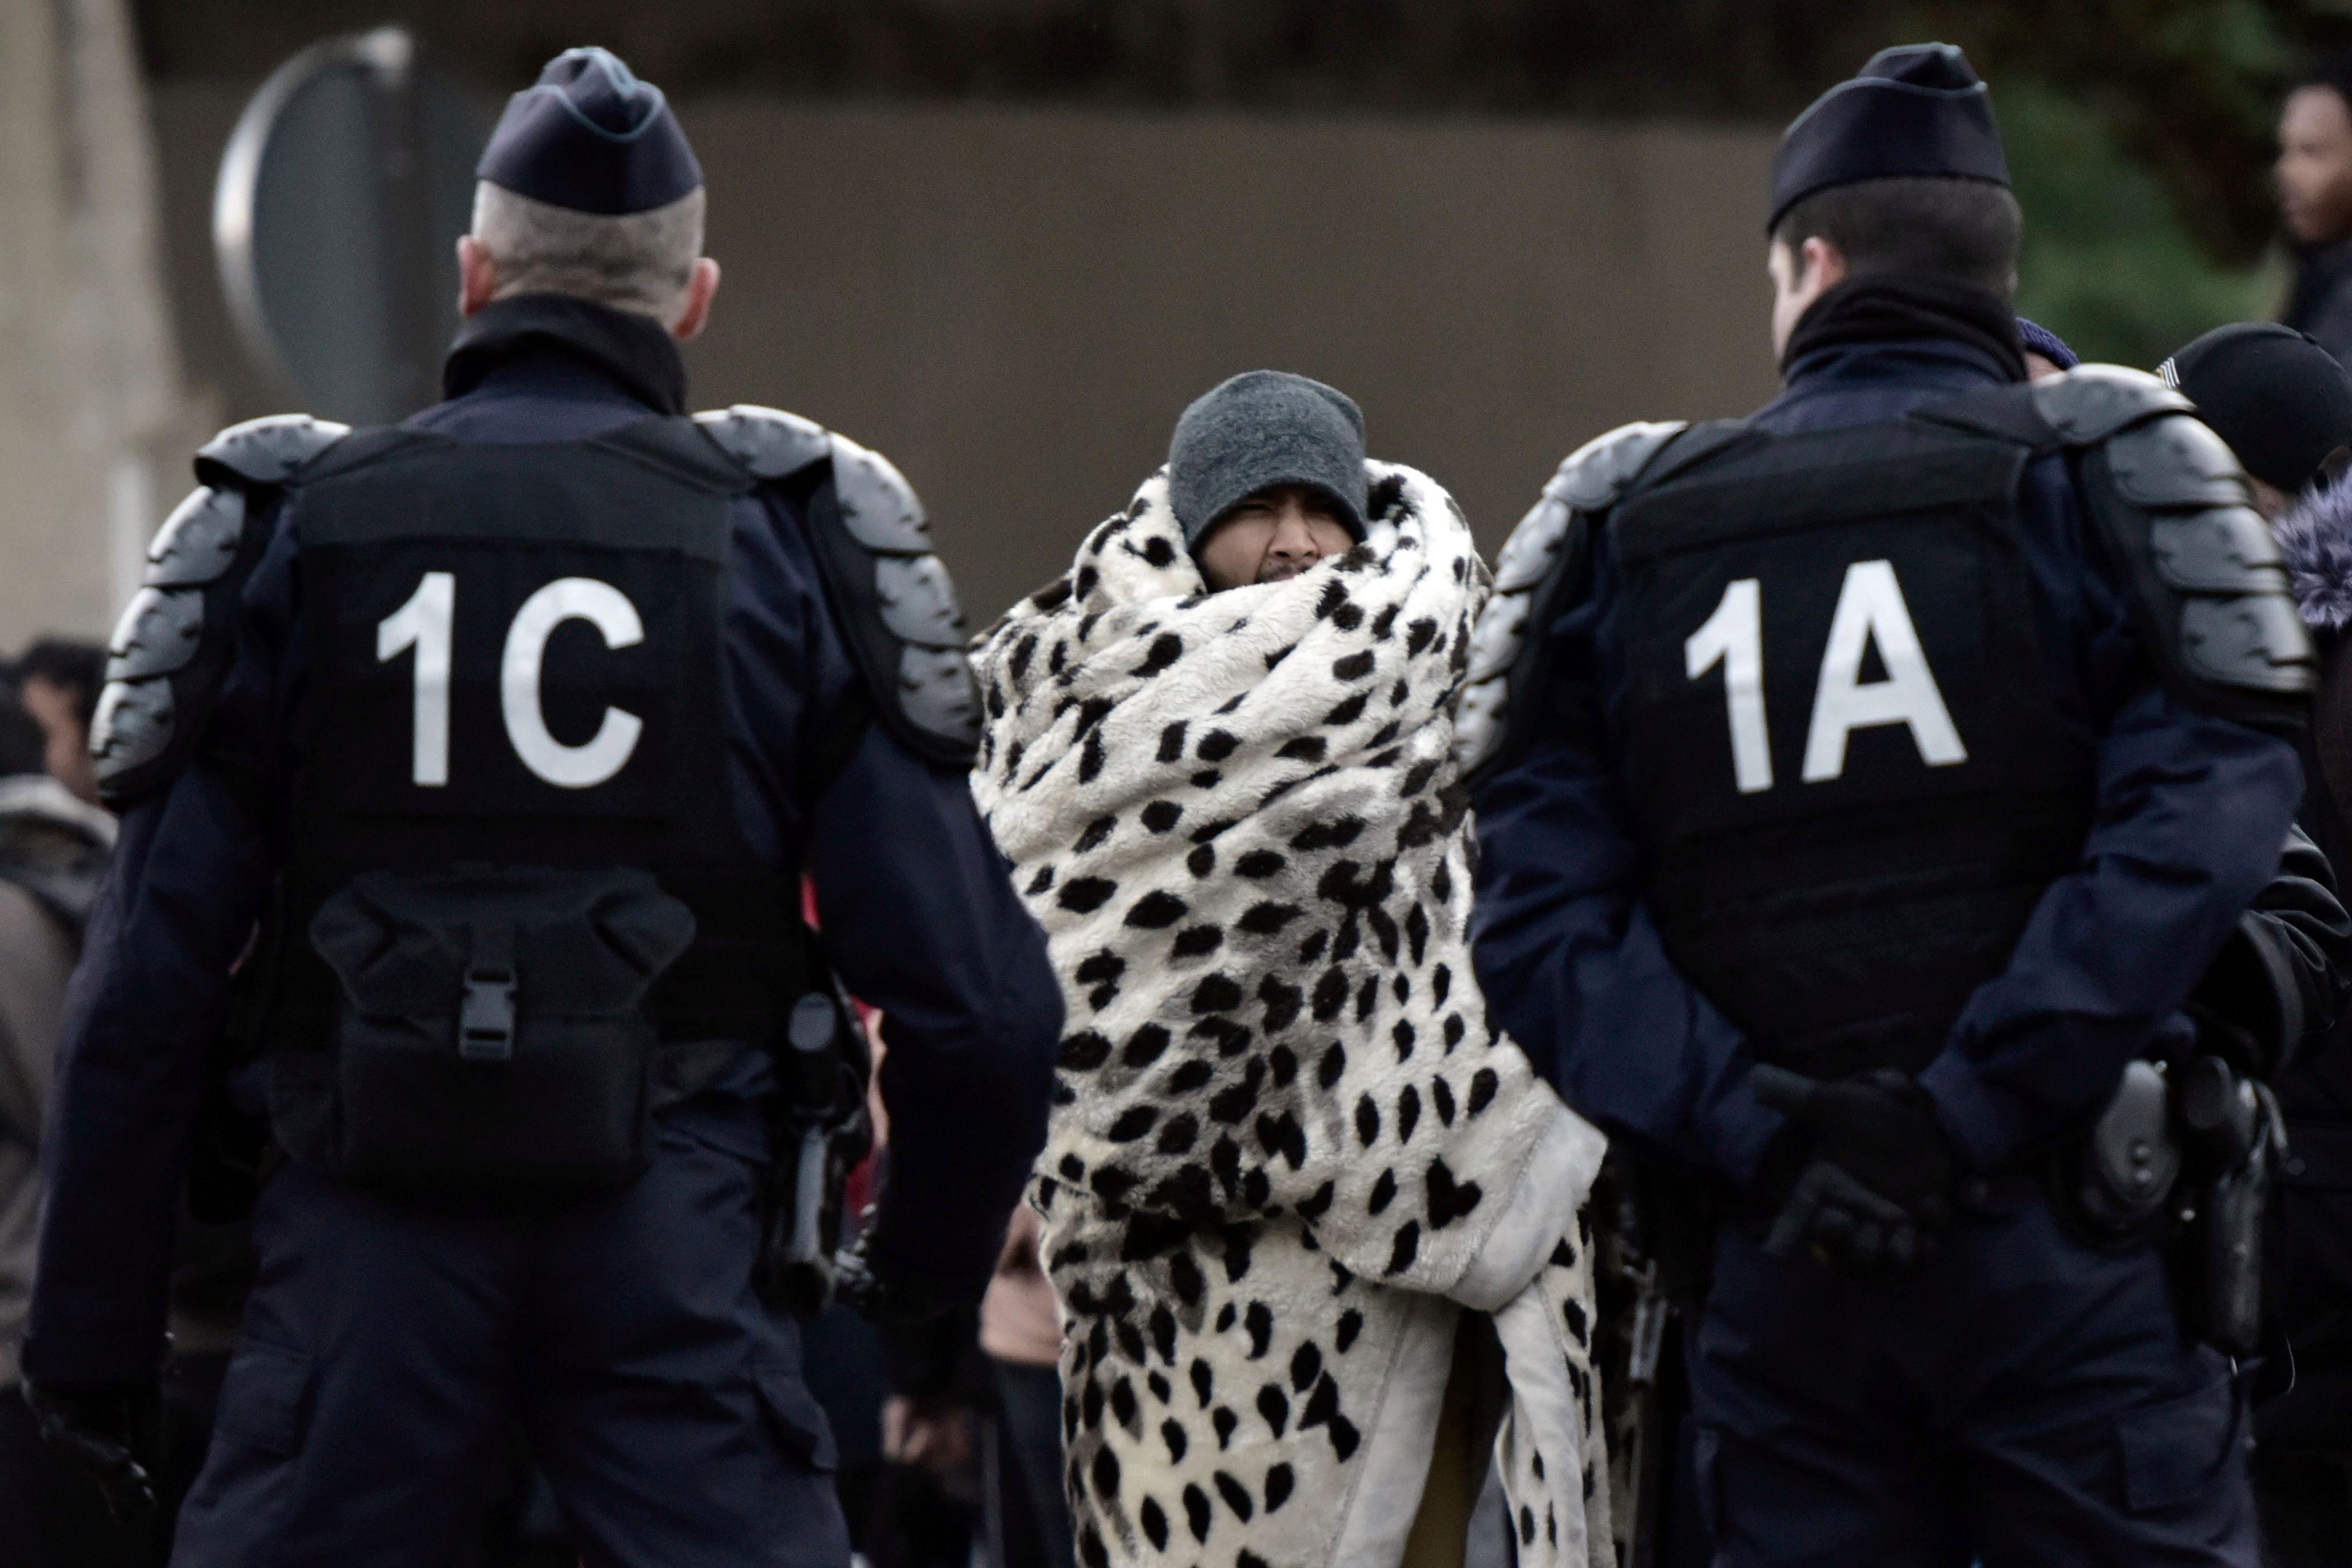 لاجئ يغطى نفسه ببطانية ويقف أمام الشرطة